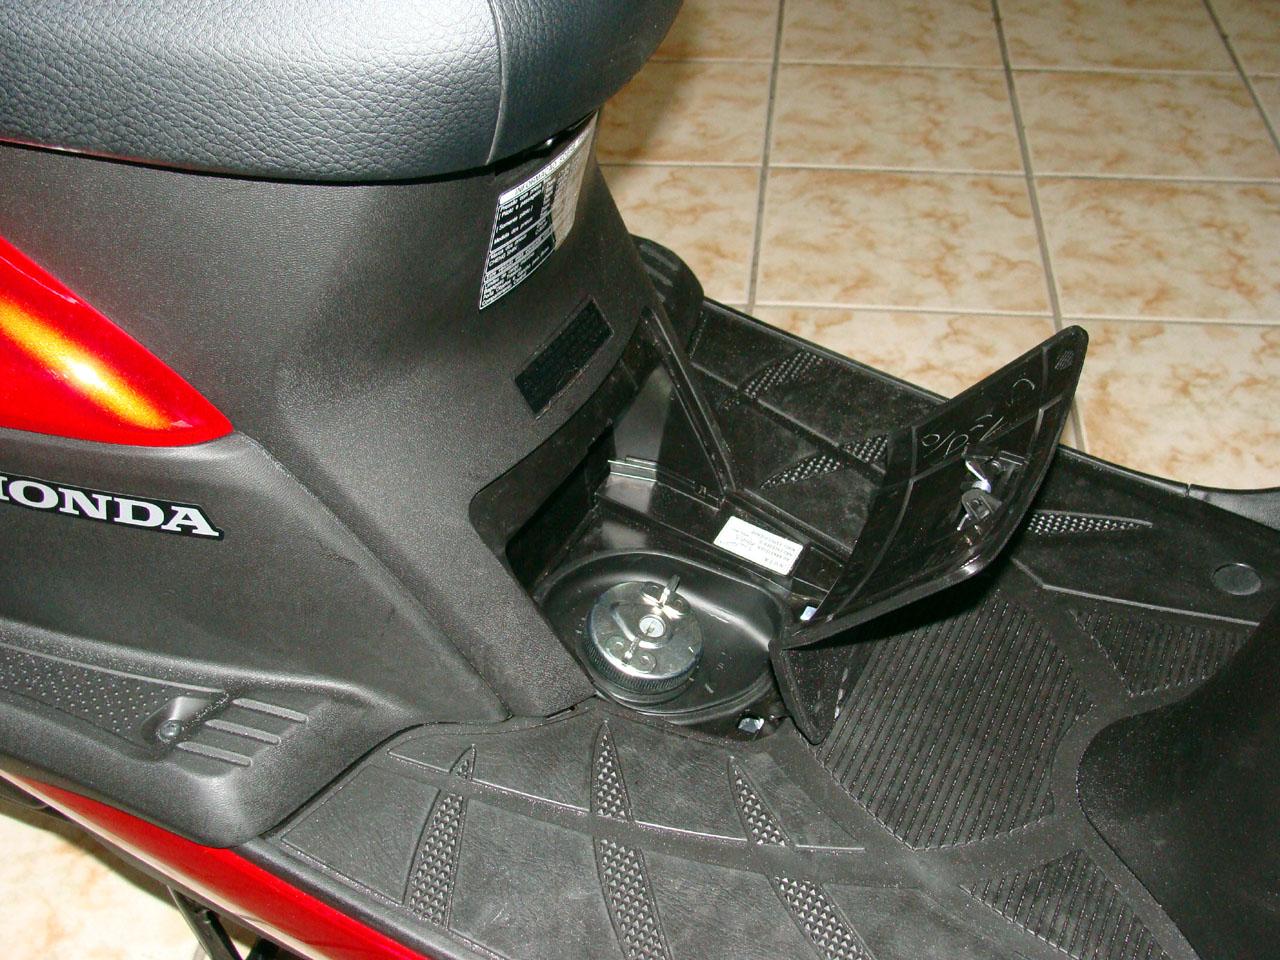 Tanque De Gasolina Da Honda Lead 110 Motos Blog